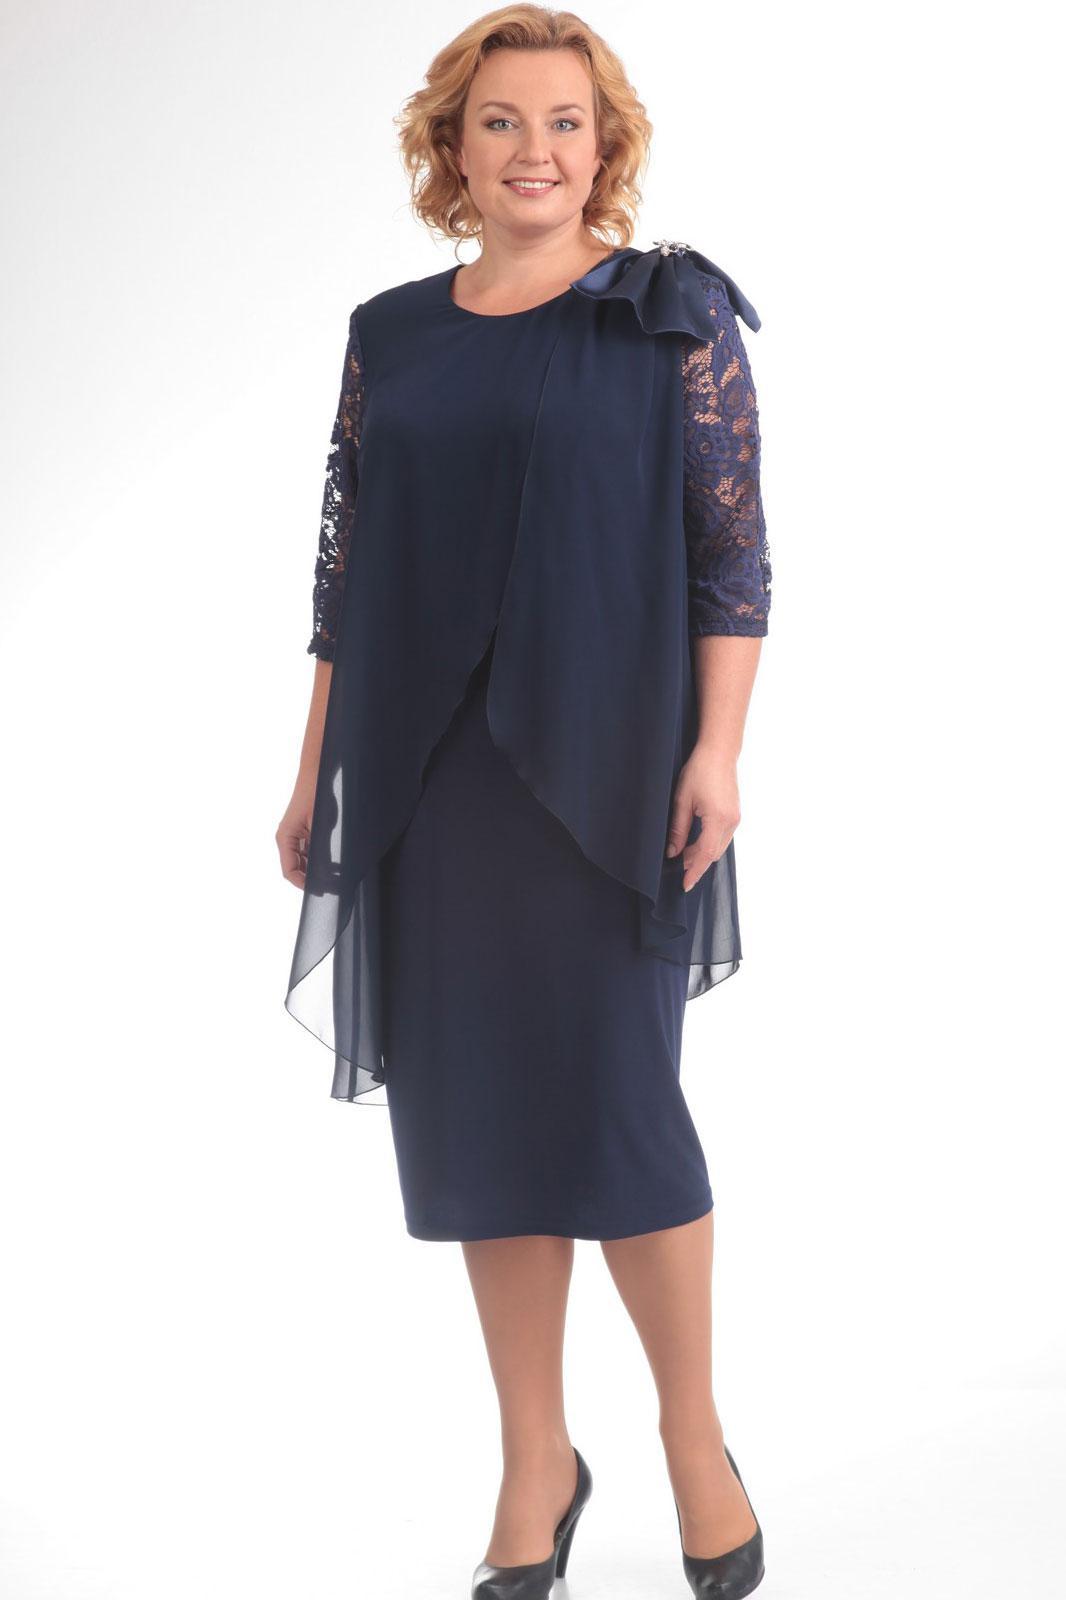 Купить Платье Pretty, 490 темно-синий, Беларусь